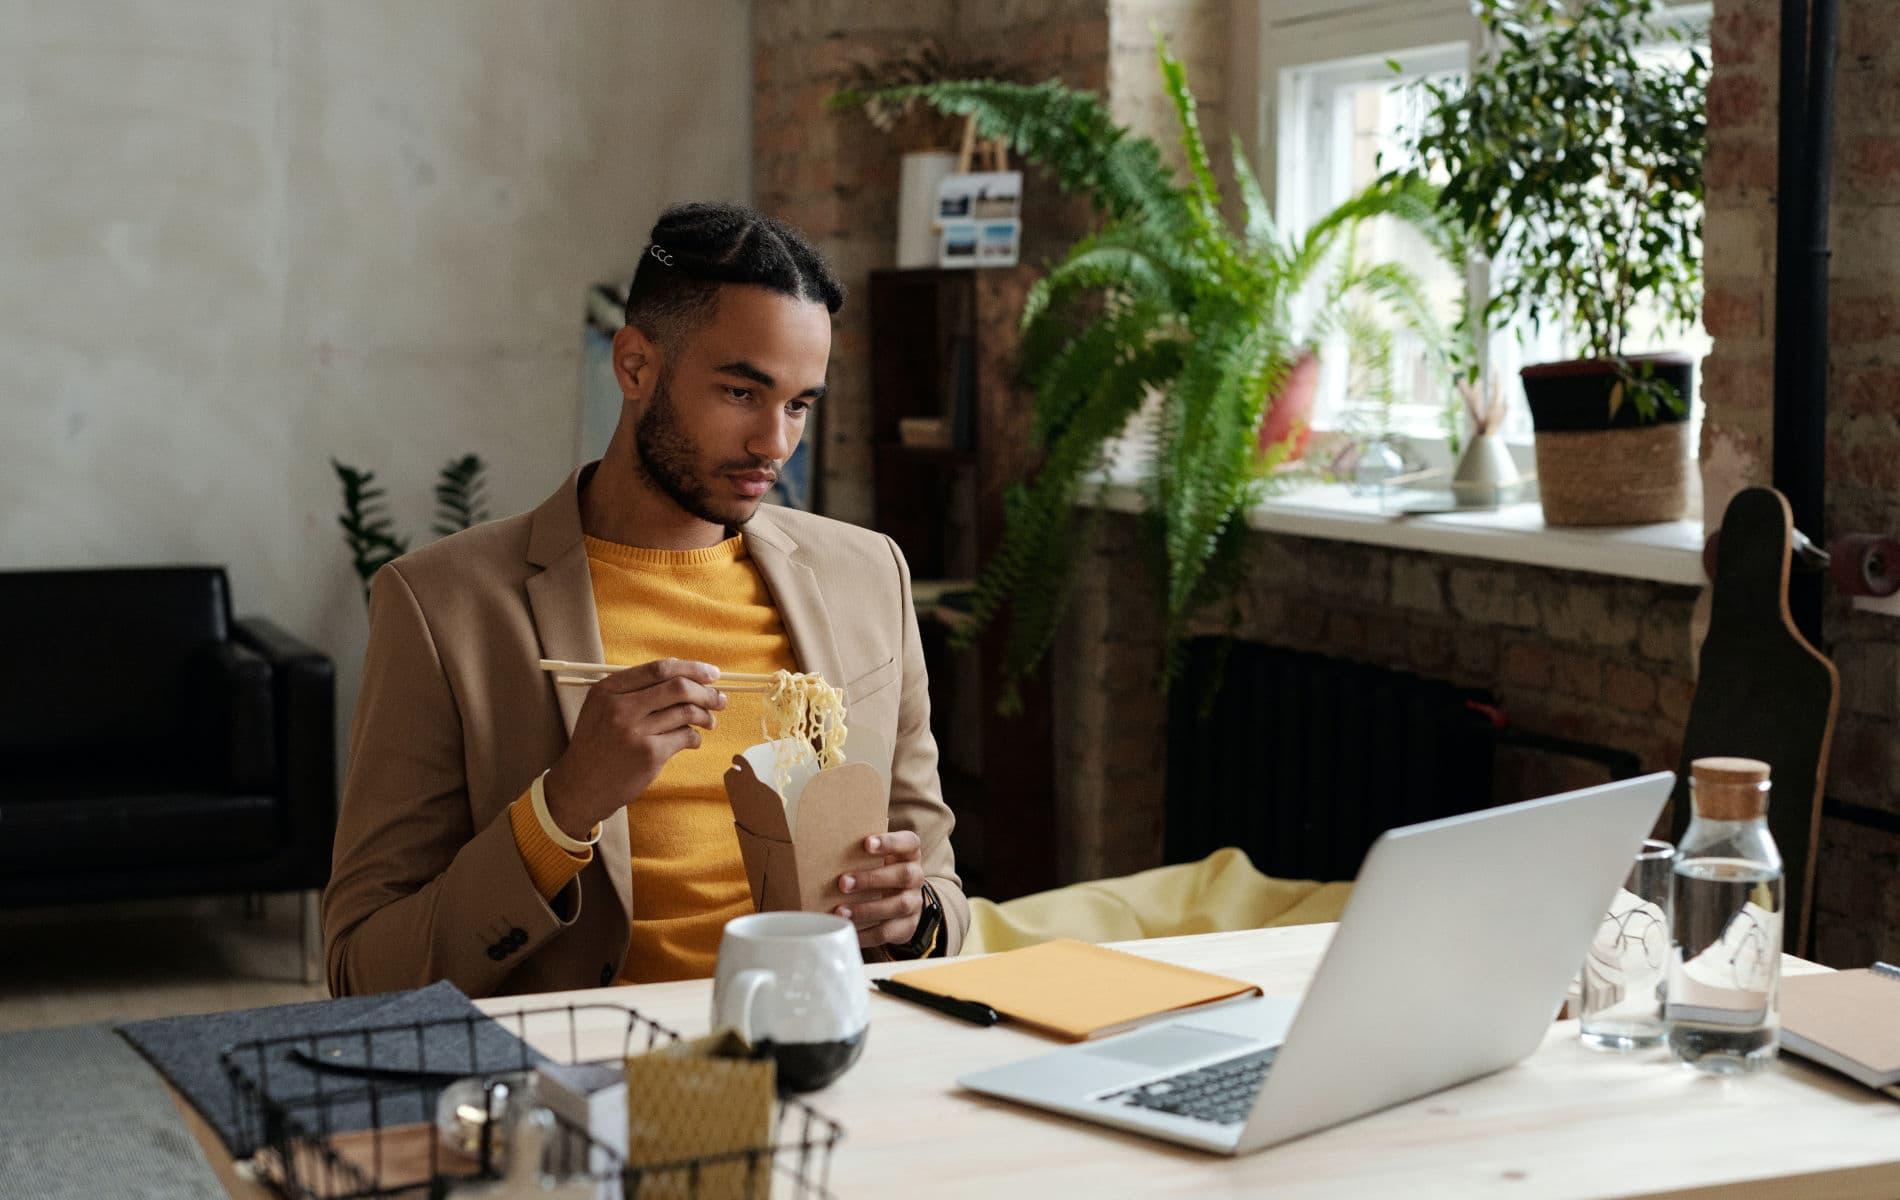 Mann isst im Home-Office seine Nudelbox